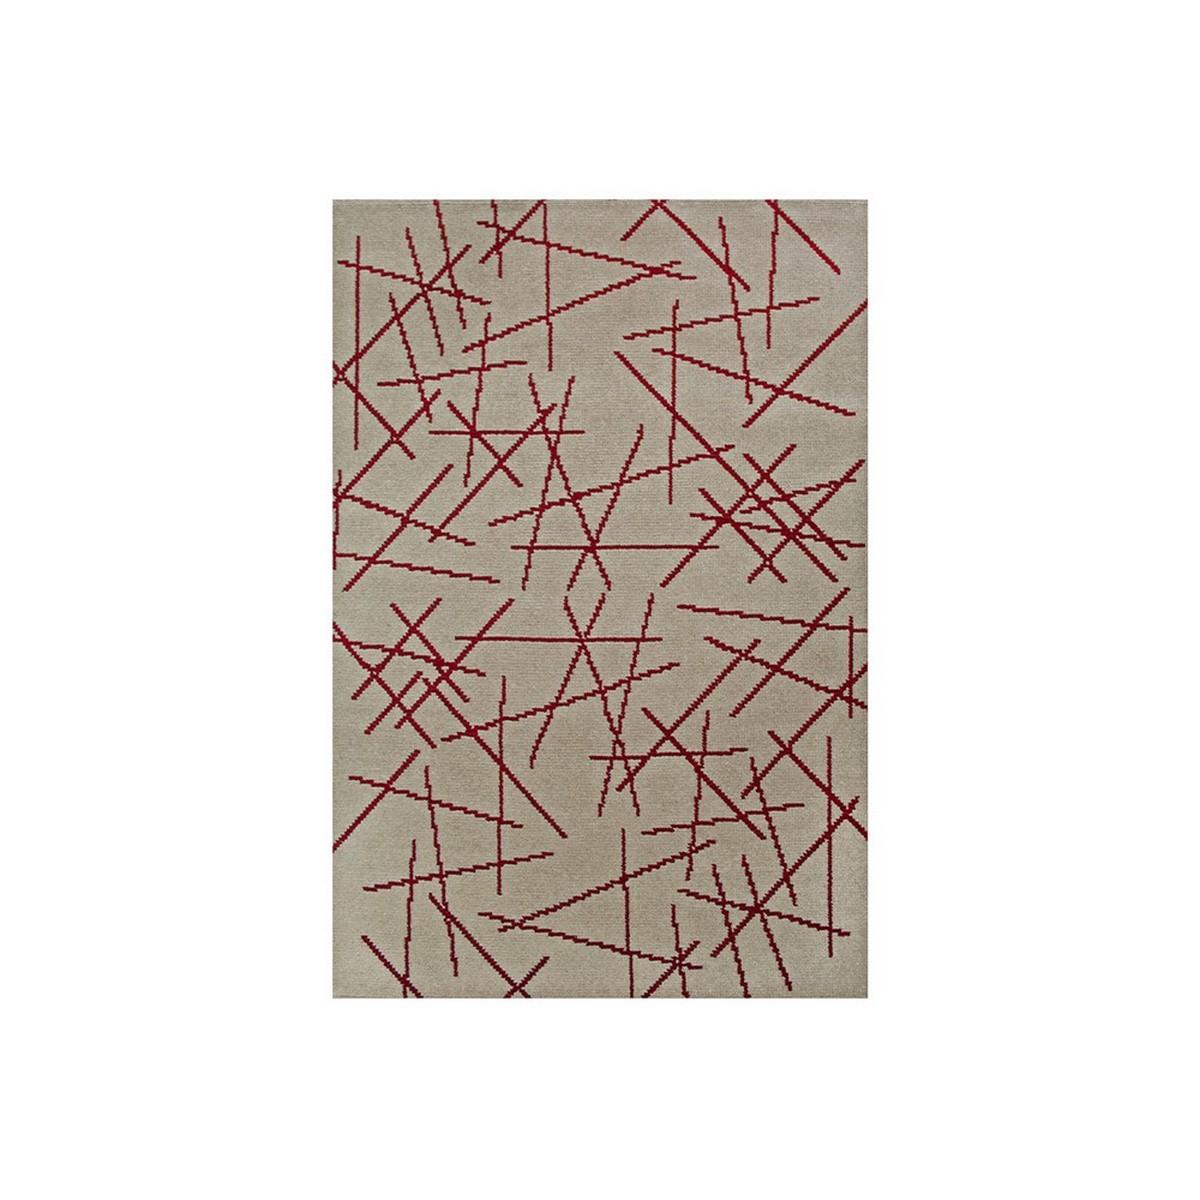 Diseño de Interiores: Ideas para comedores de mediados de Siglo contemporáneos diseño de interiores Diseño de Interiores: Ideas para comedores de mediados de Siglo contemporáneos polansky rug essential home 01 HR